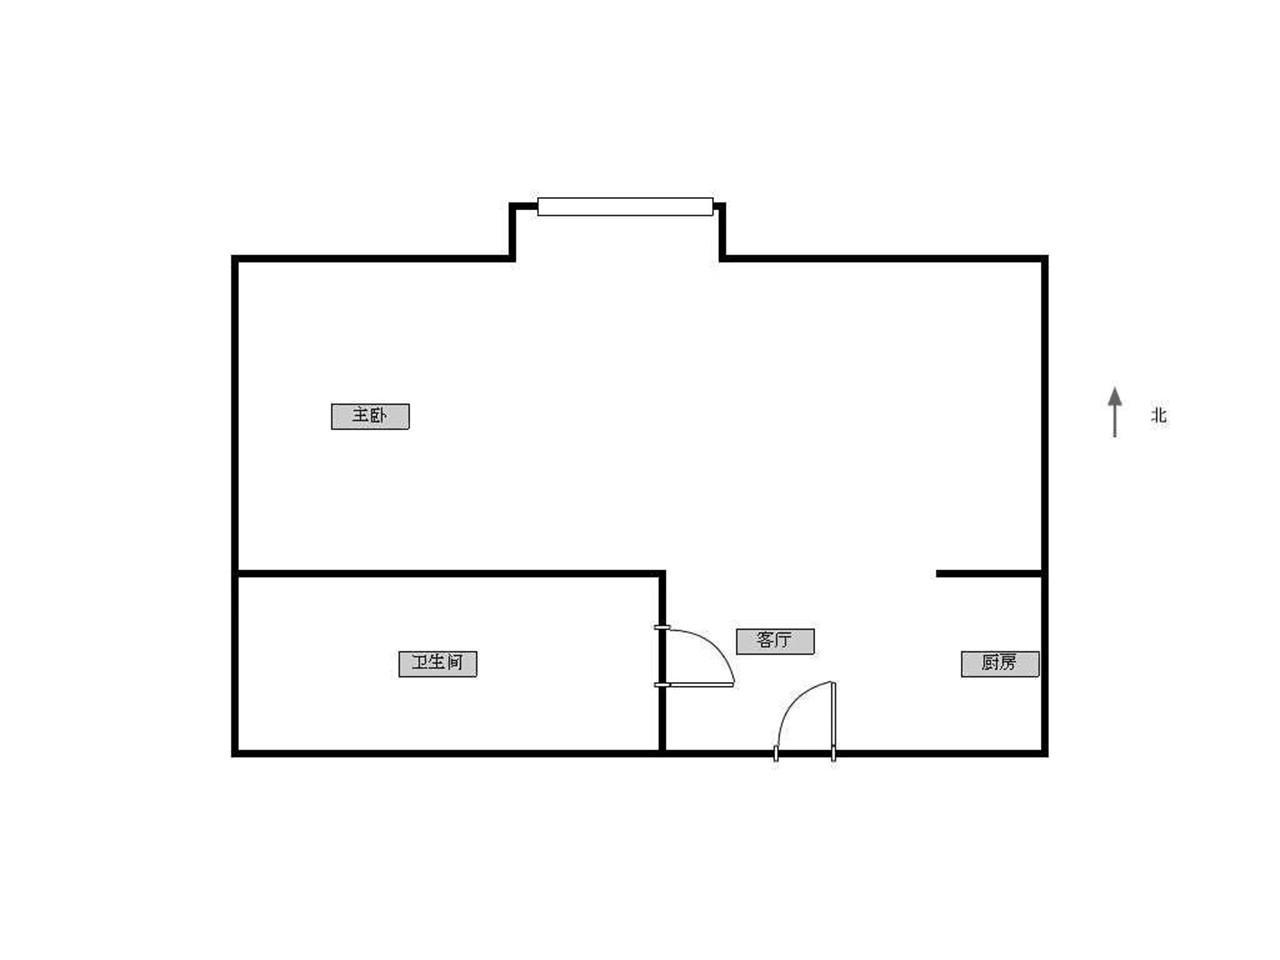 秦淮区夫子庙京隆国际公寓1室1厅户型图